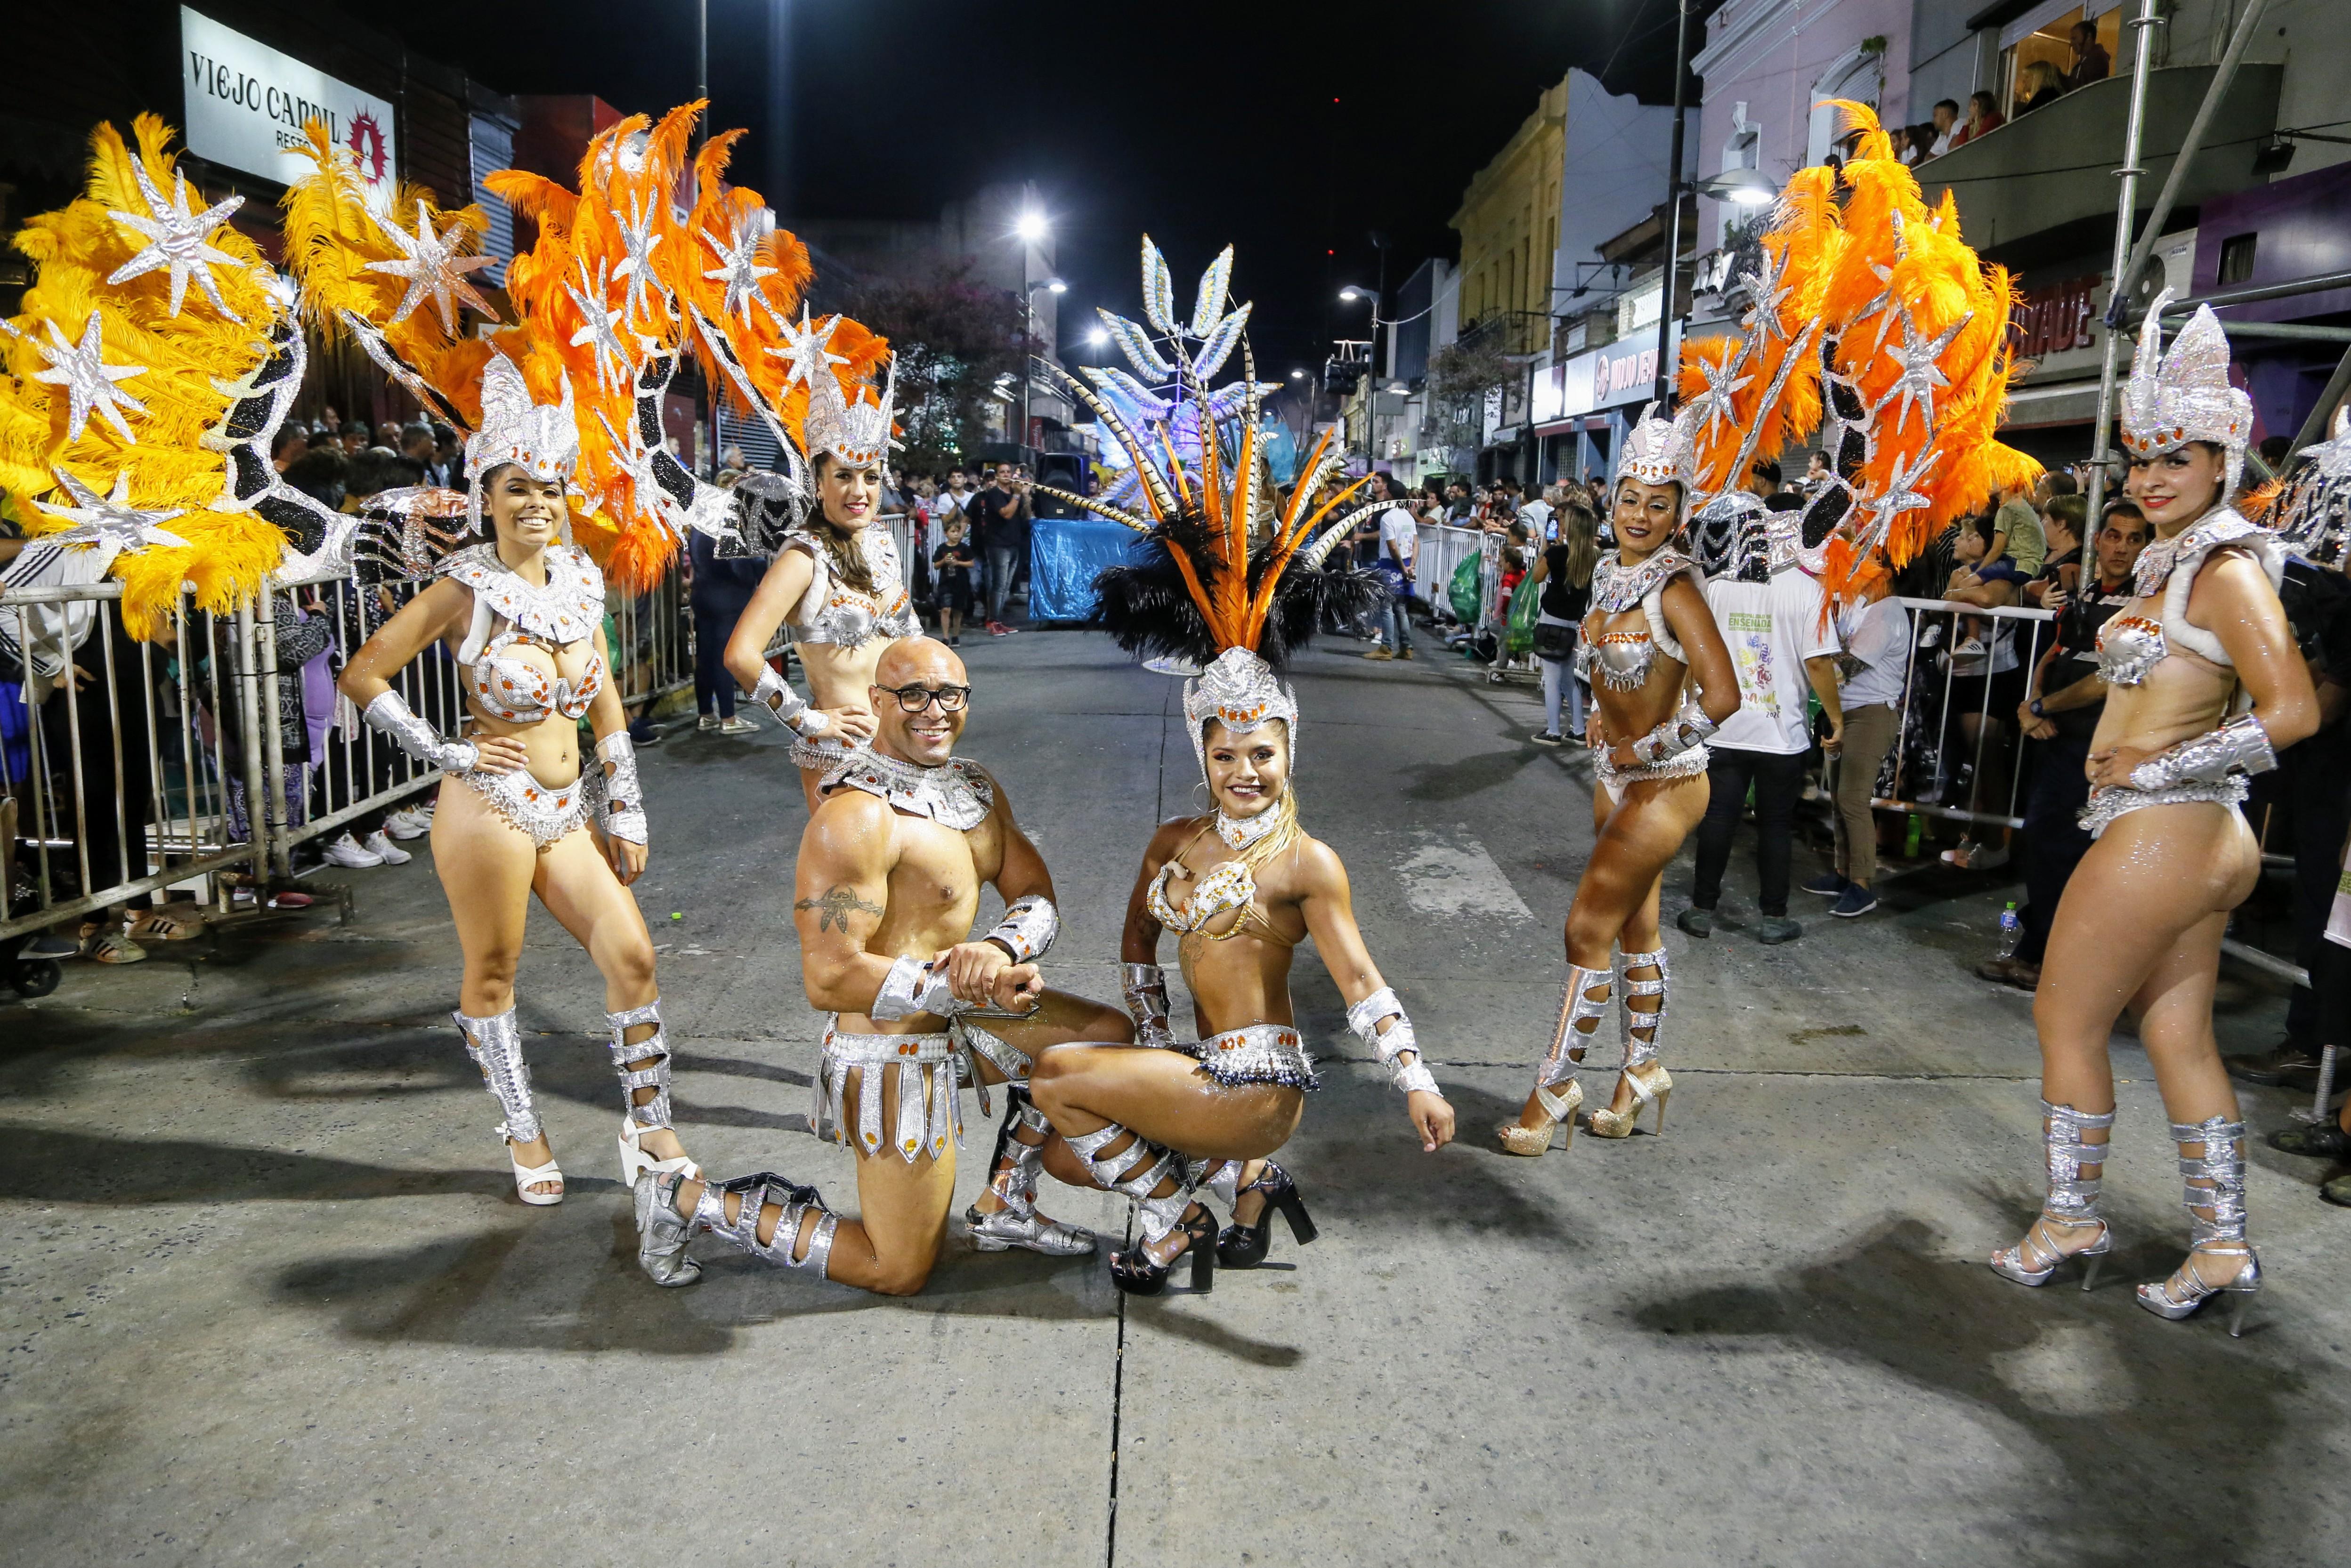 El carnaval de Ensenada: Primera noche de la gran fiesta popular